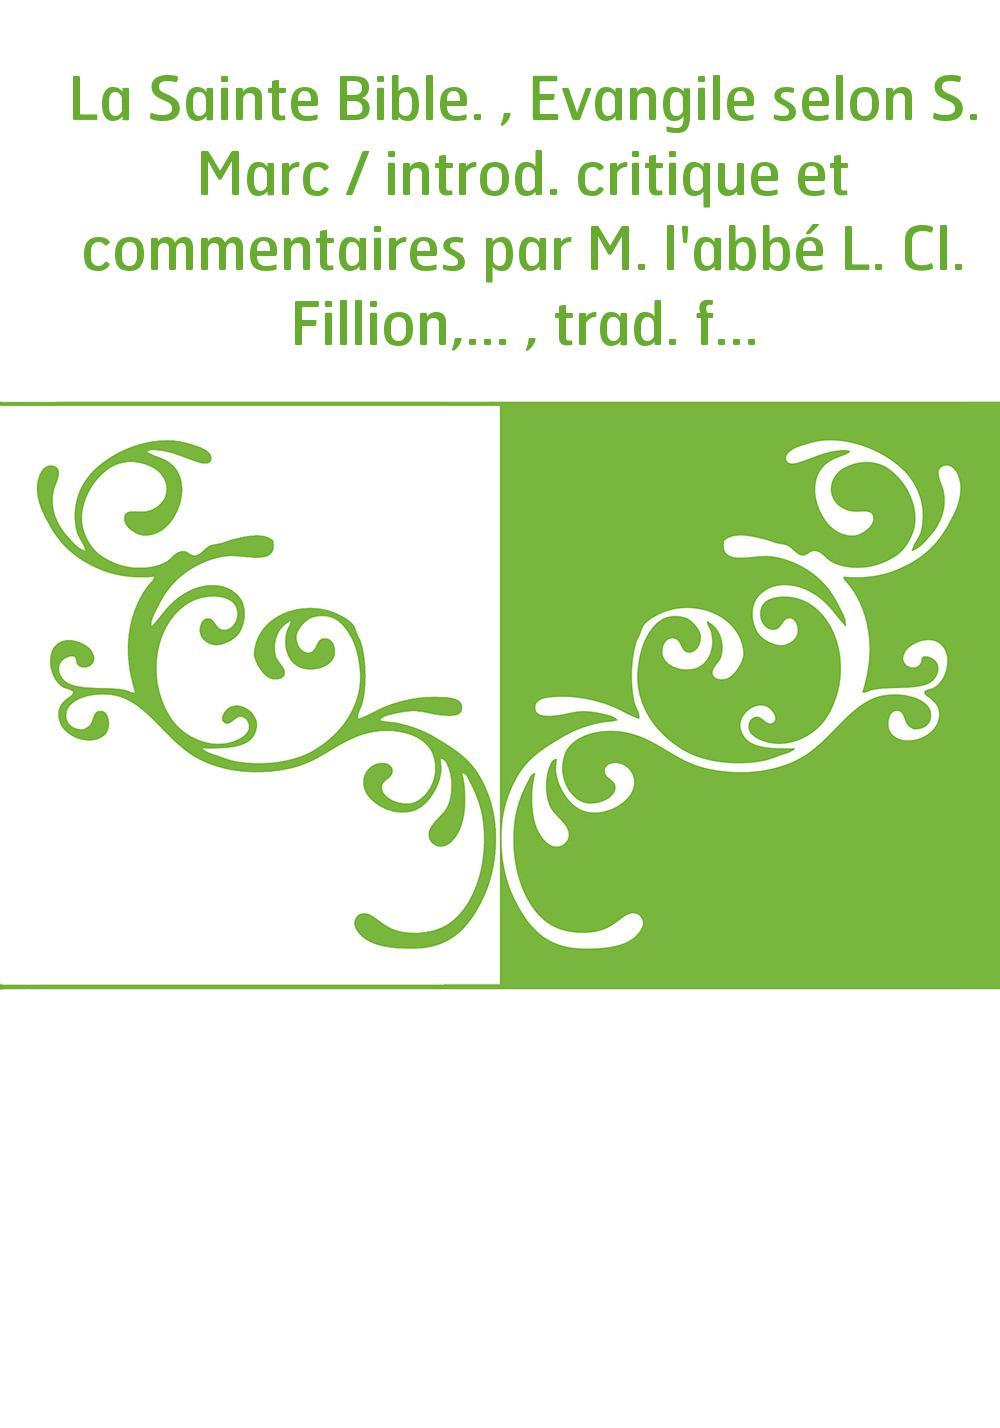 La Sainte Bible. , Evangile selon S. Marc / introd. critique et commentaires par M. l'abbé L. Cl. Fillion,... , trad. française